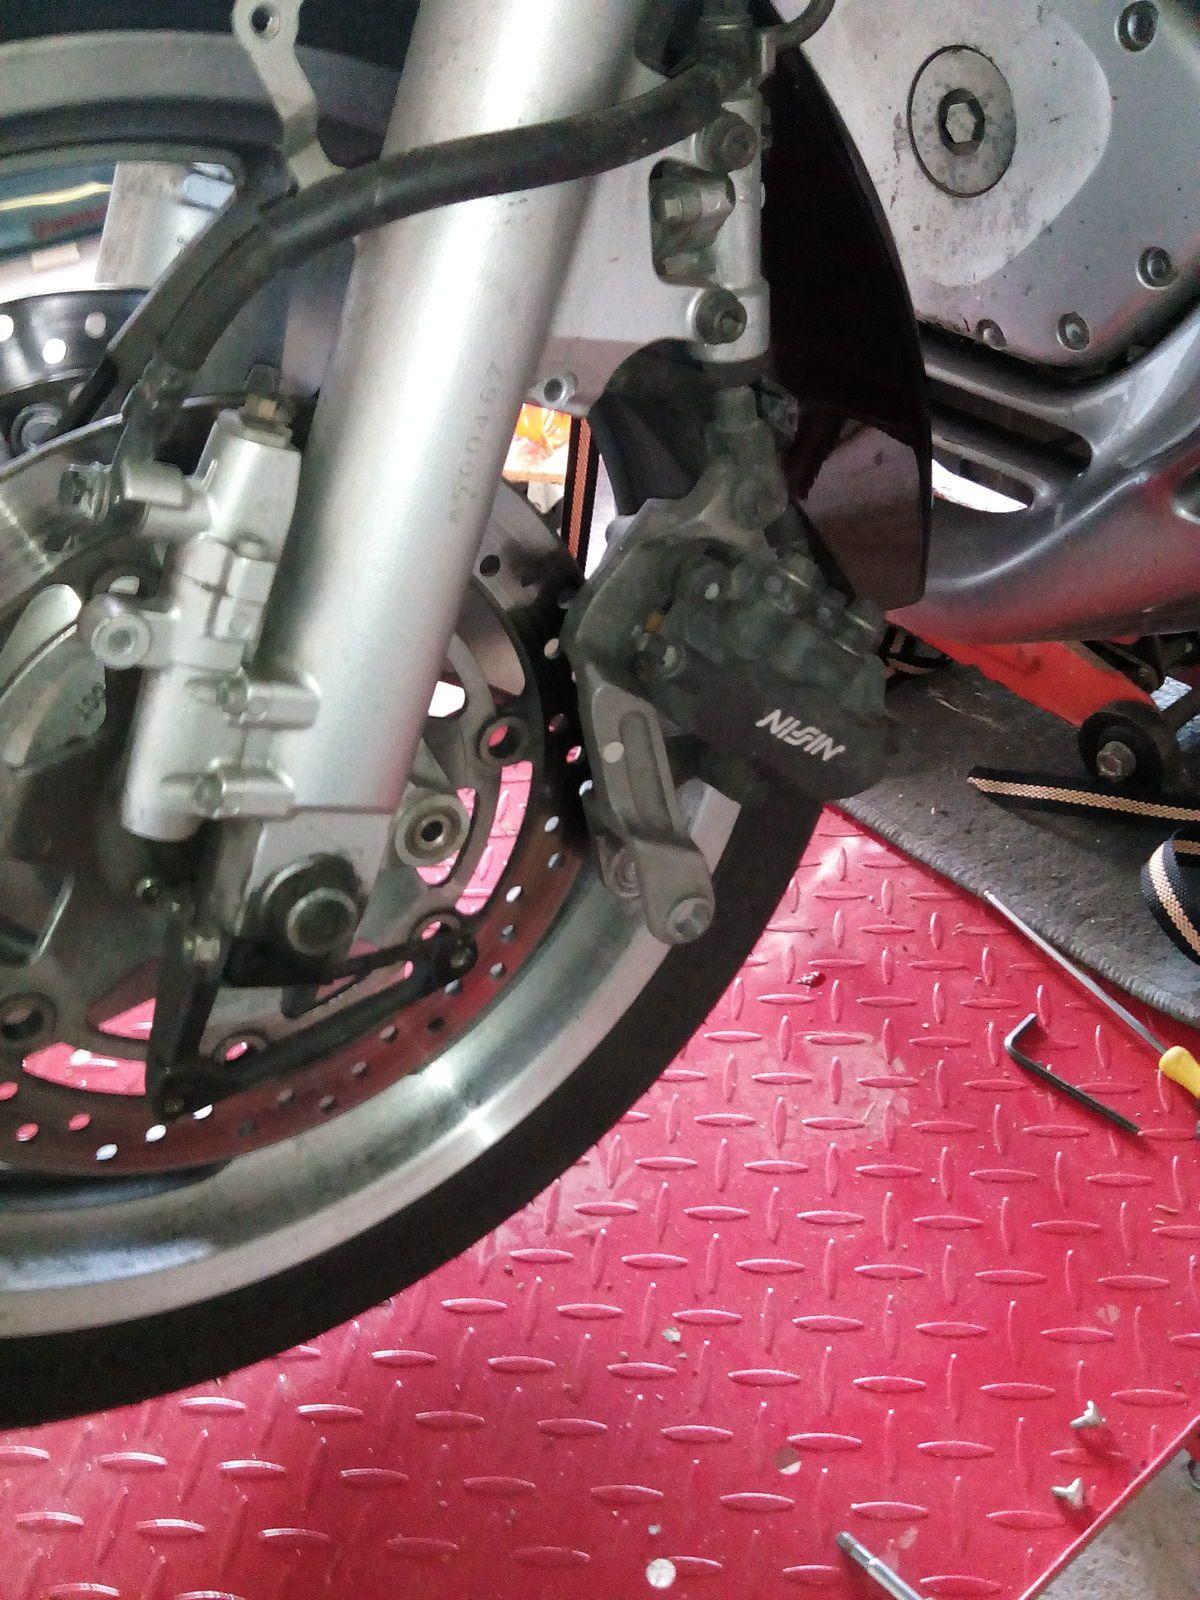 Goldwing - Changement de pneus AV et AR GL1800 et billes Dyna beads